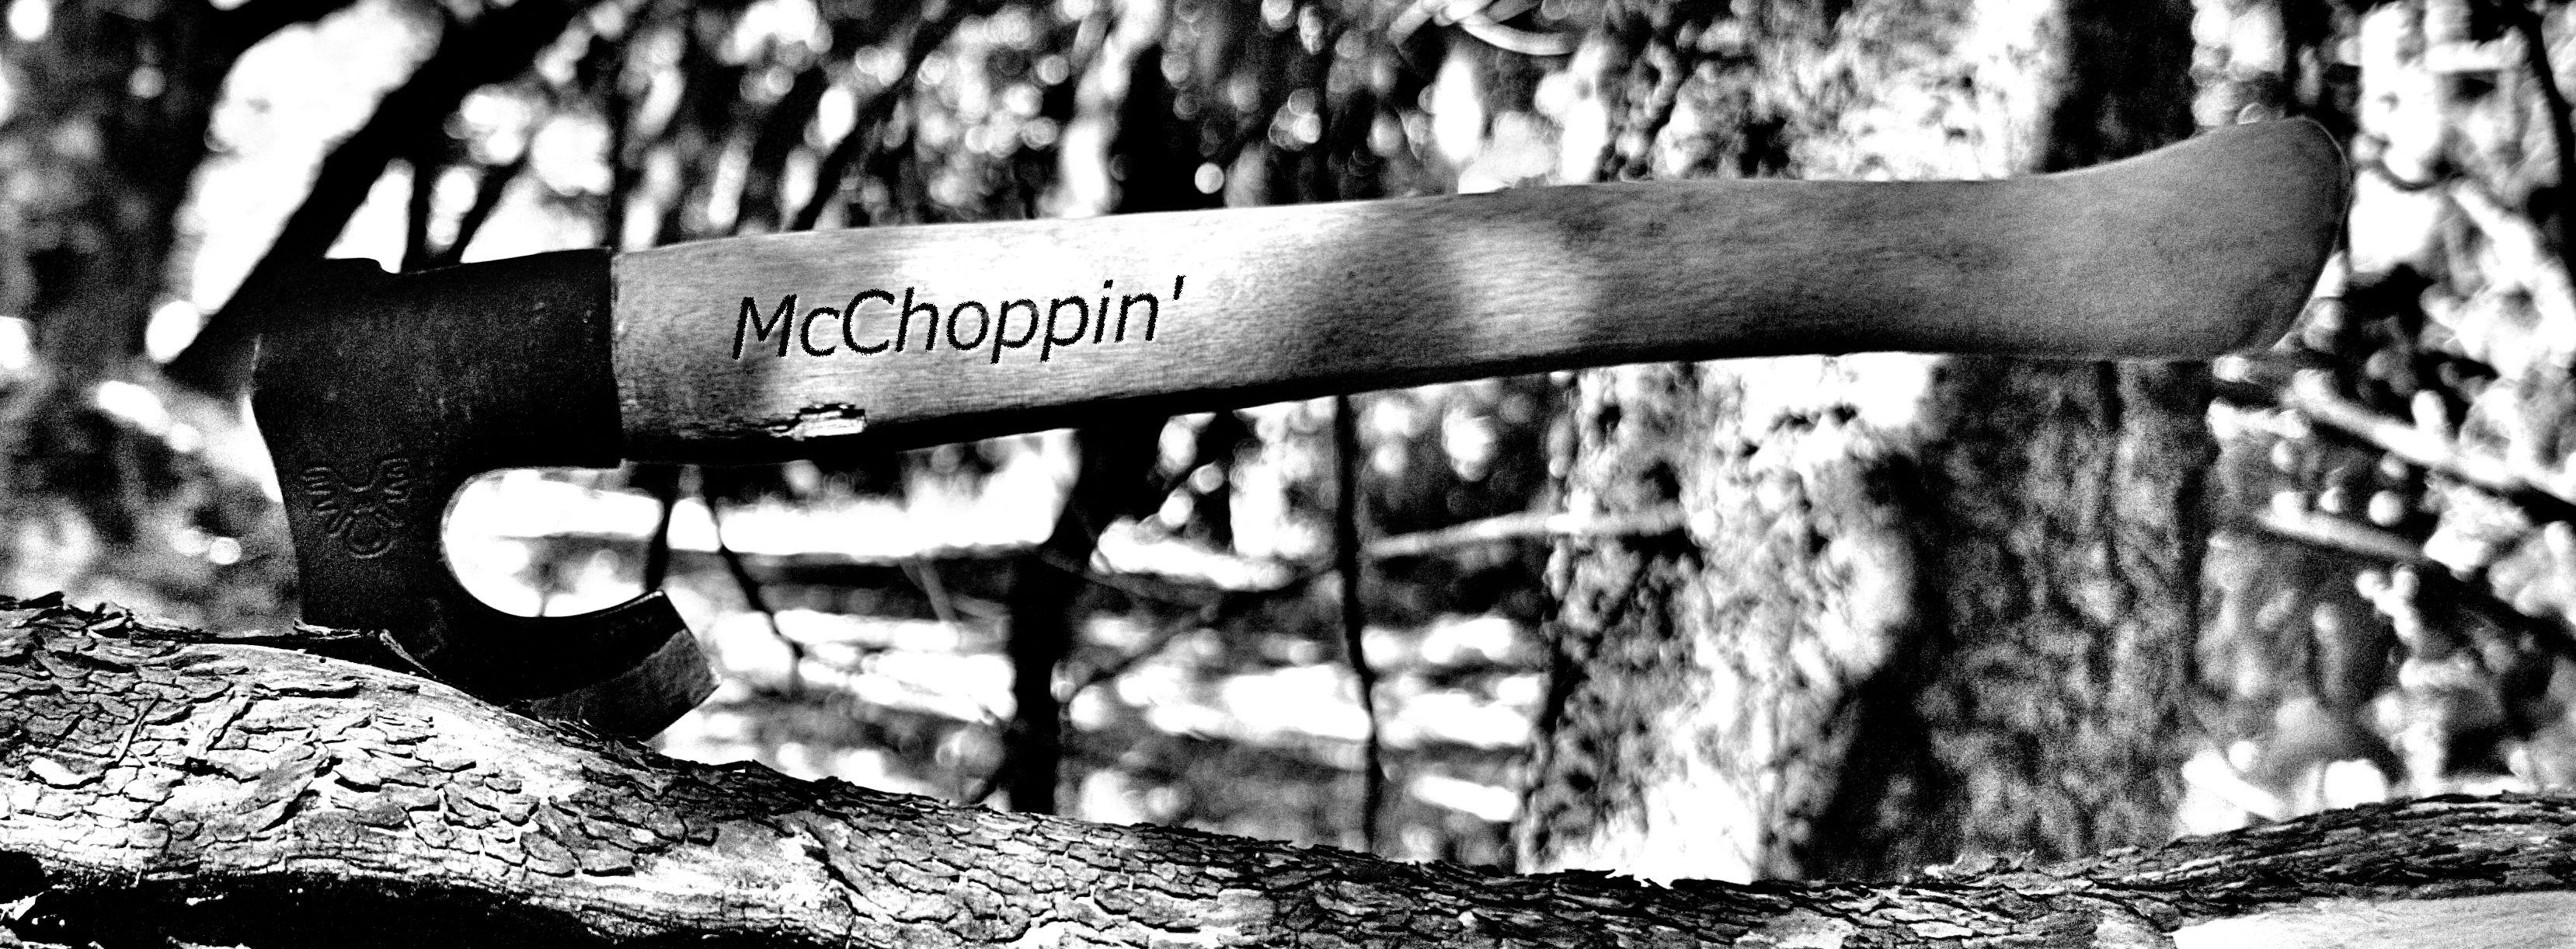 McChoppin'